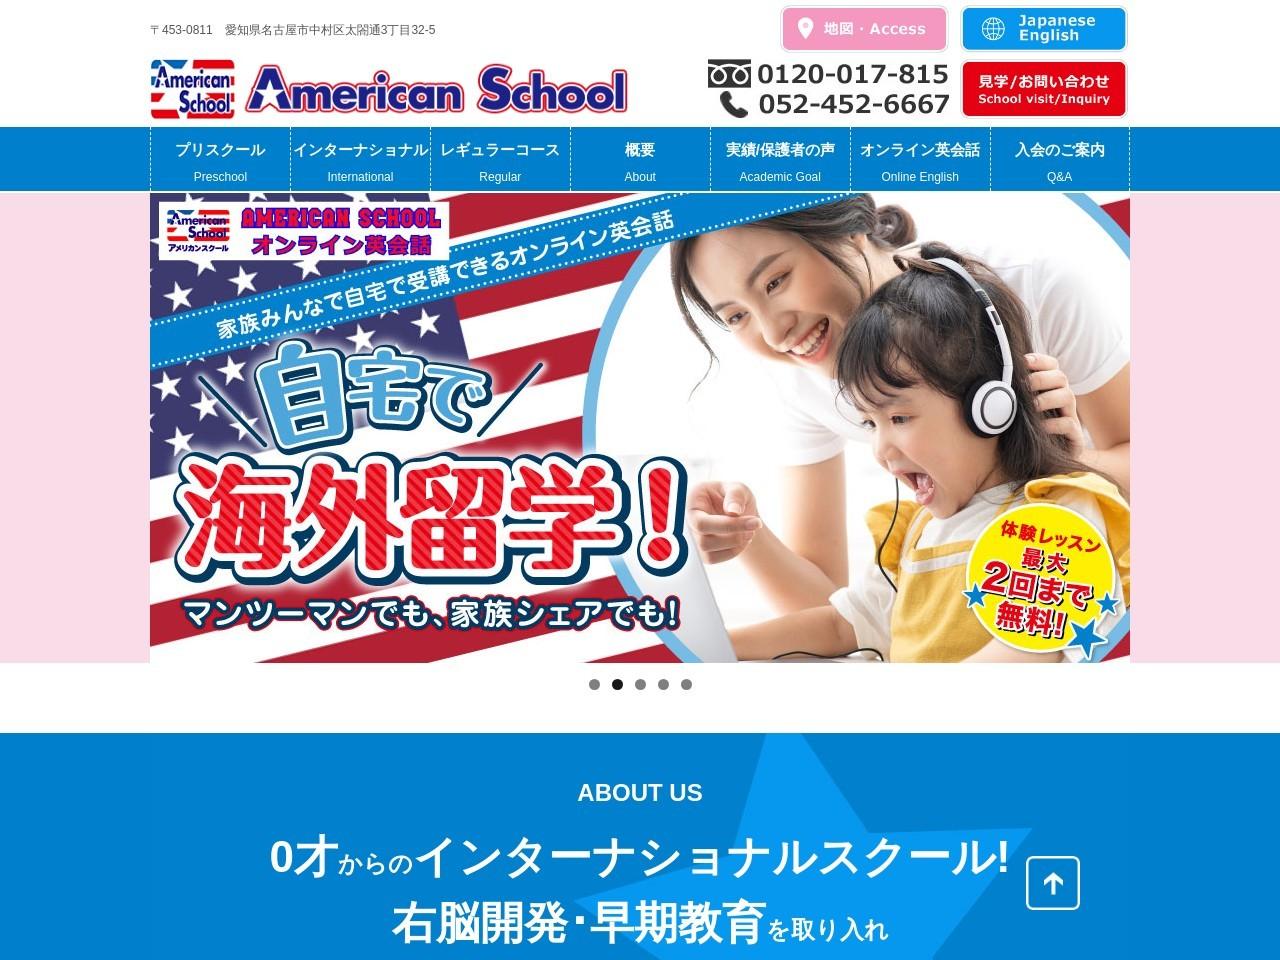 アメリカンスクール